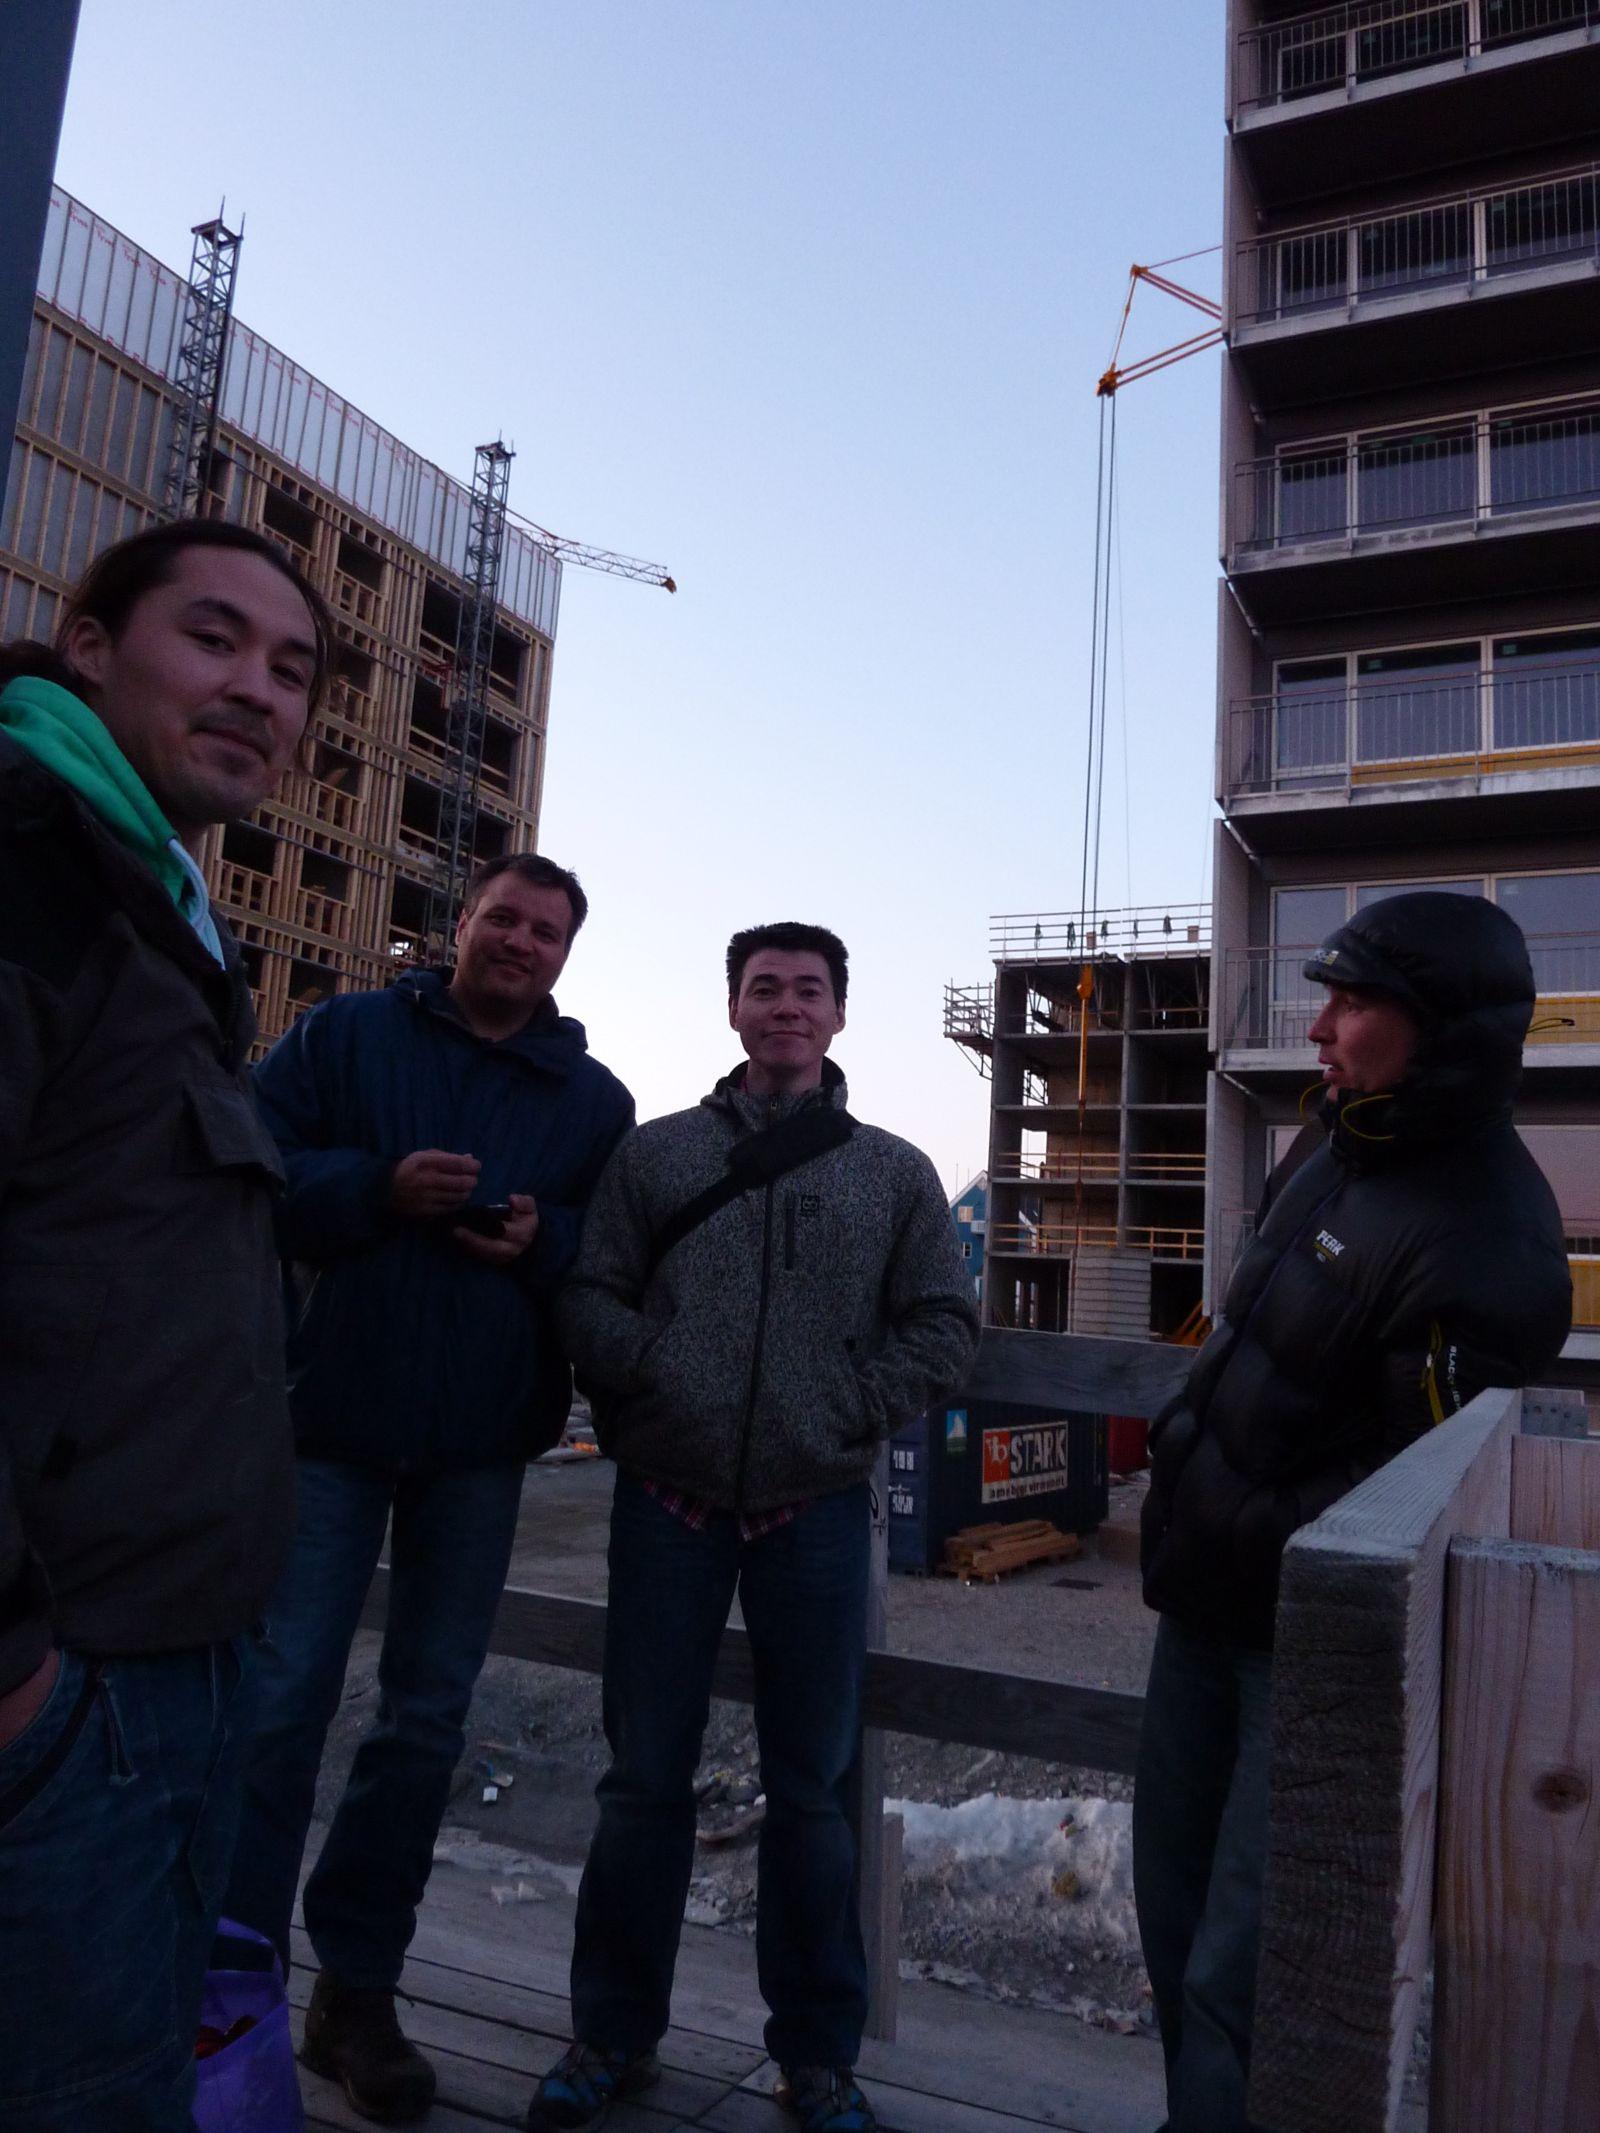 2010-04-10-2051_-_Hans-Jakob _Aqqaluk_ Platou; John Telling; Svend Sværd